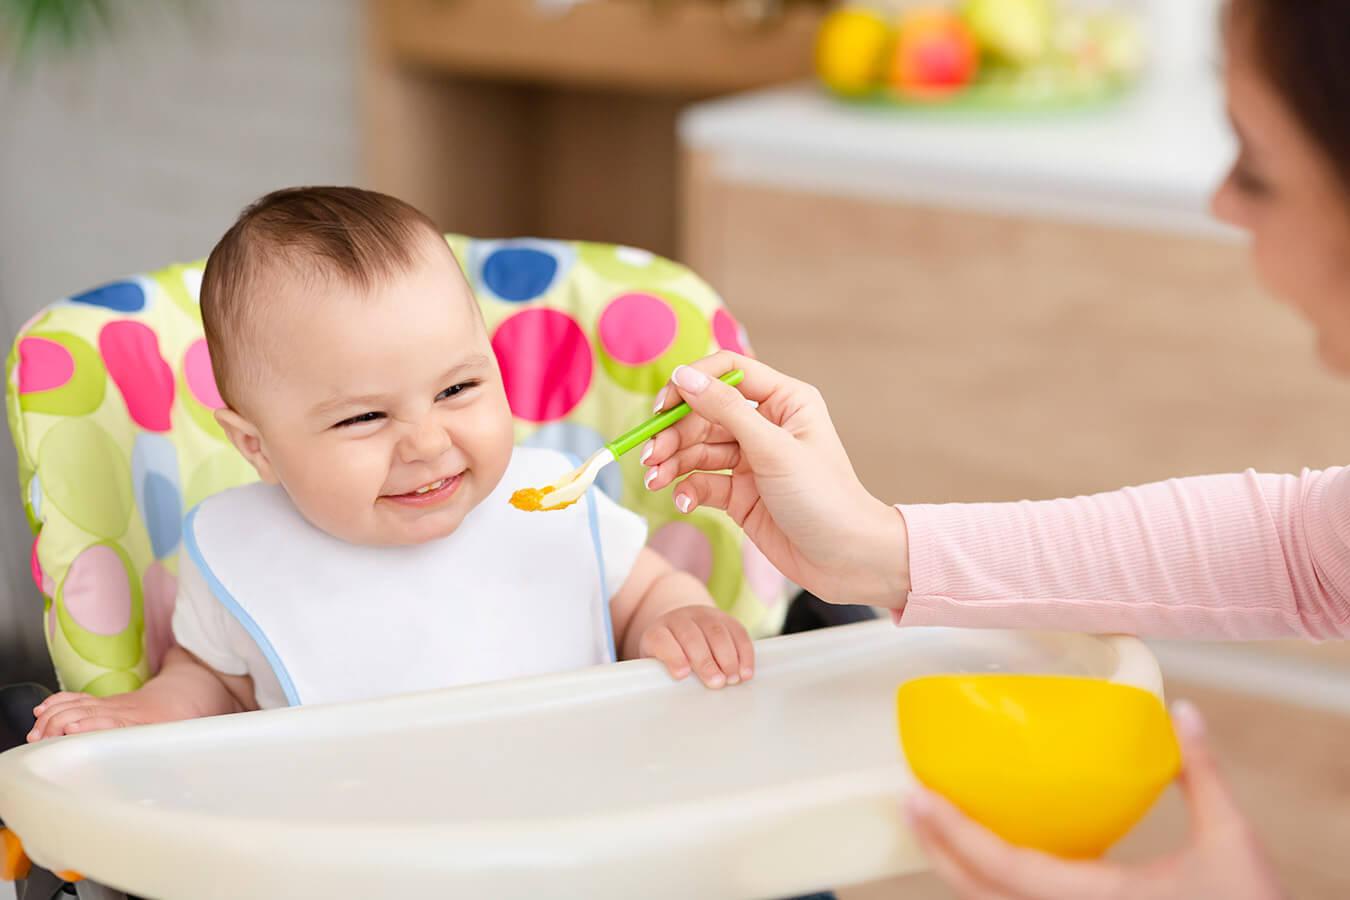 Rozszerzanie diety po 4 miesiącu życia dziecka (przykładowy jadłospis)